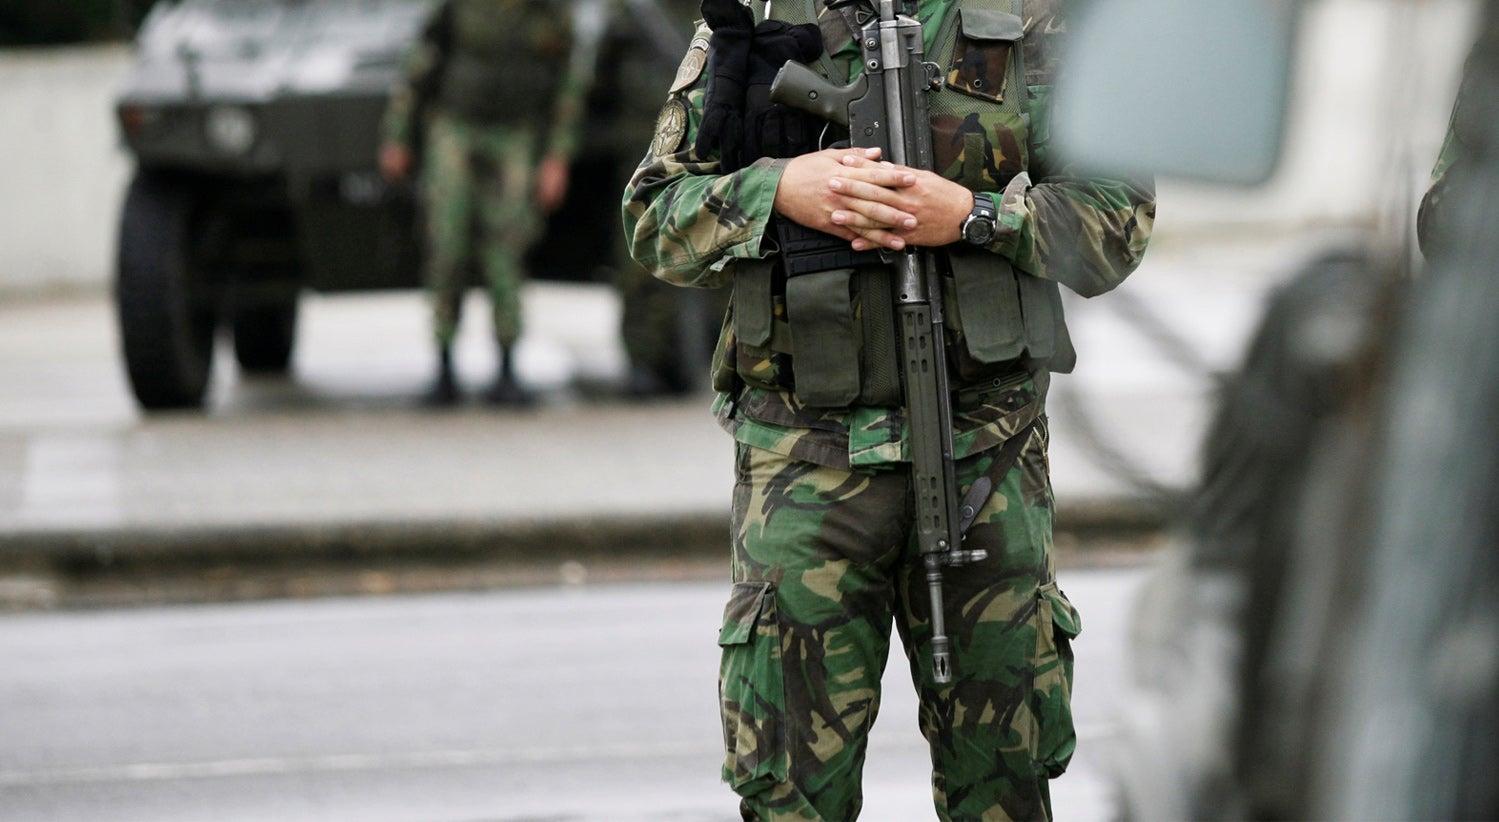 e2c60a3b39ba2 Militar dos comandos na Carregueira morre após acidente com arma de fogo